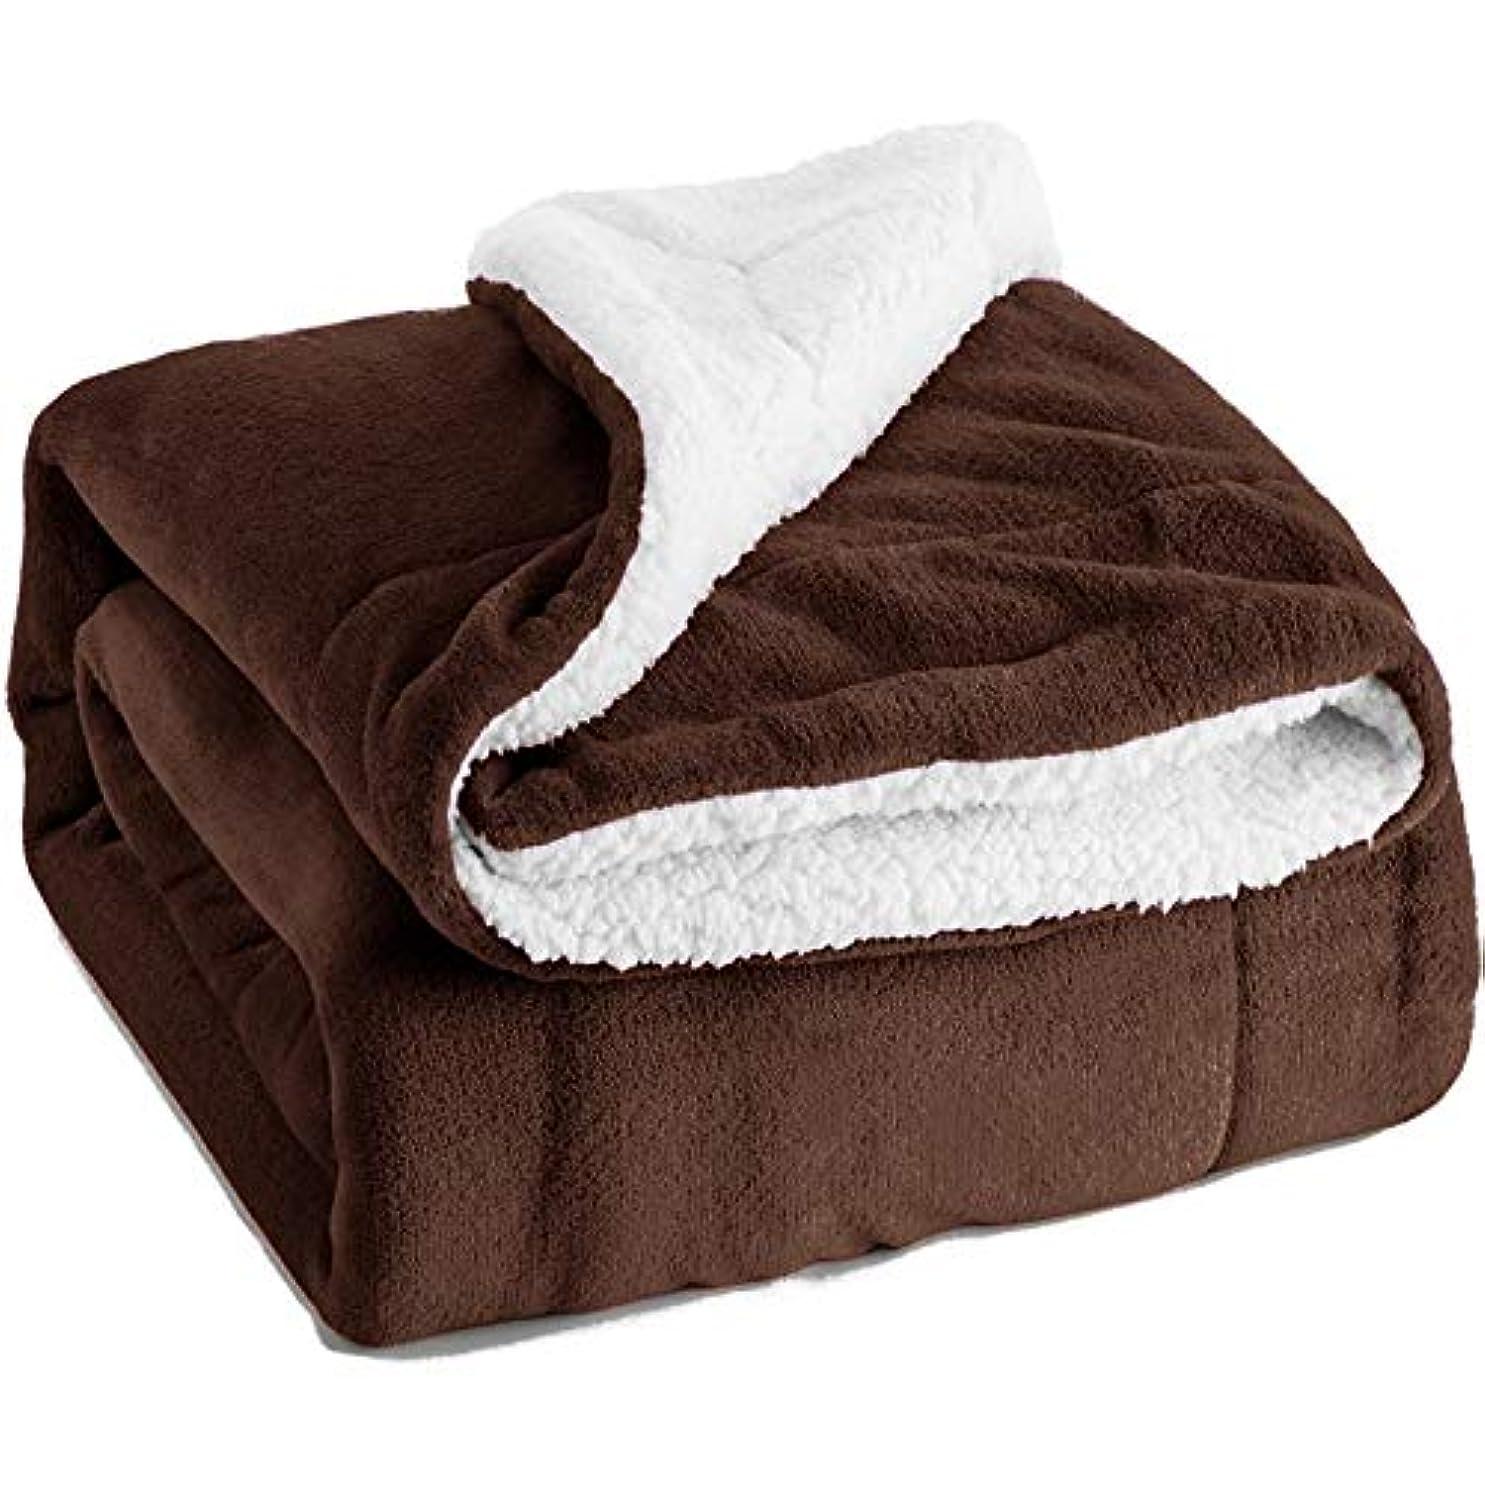 抑制する使い込む福祉ビーチタオル、プールタオルフランネルソフトクイックドライ軽量吸収性豪華な毛布ブルーブラウンブラウングレー130 * 160センチ-Darkbrown